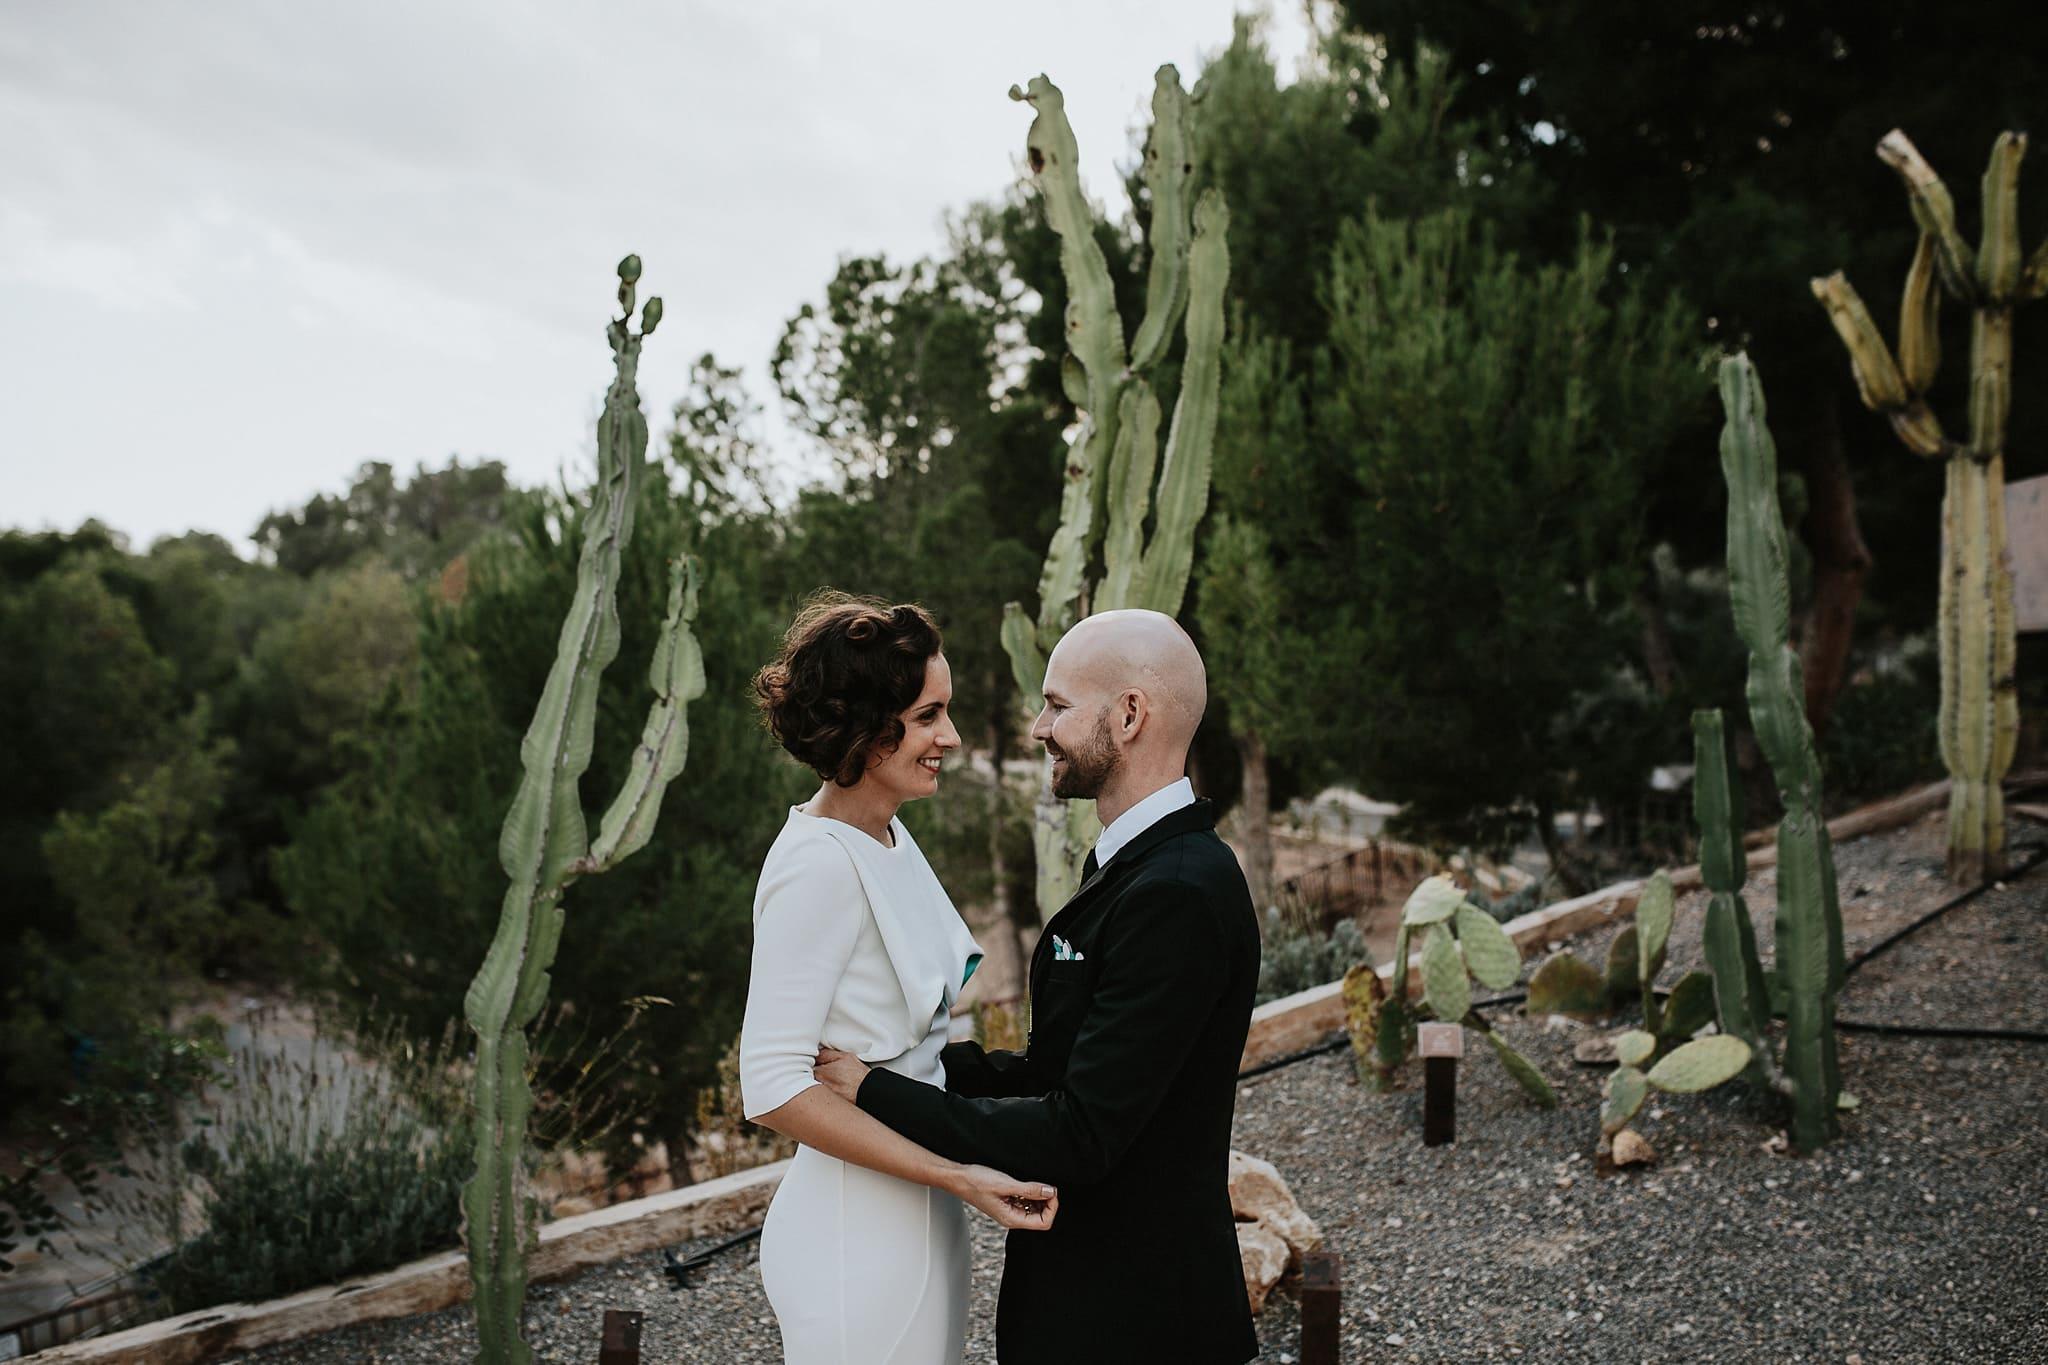 prisma-blanco-fotografia-bodas-altea-143